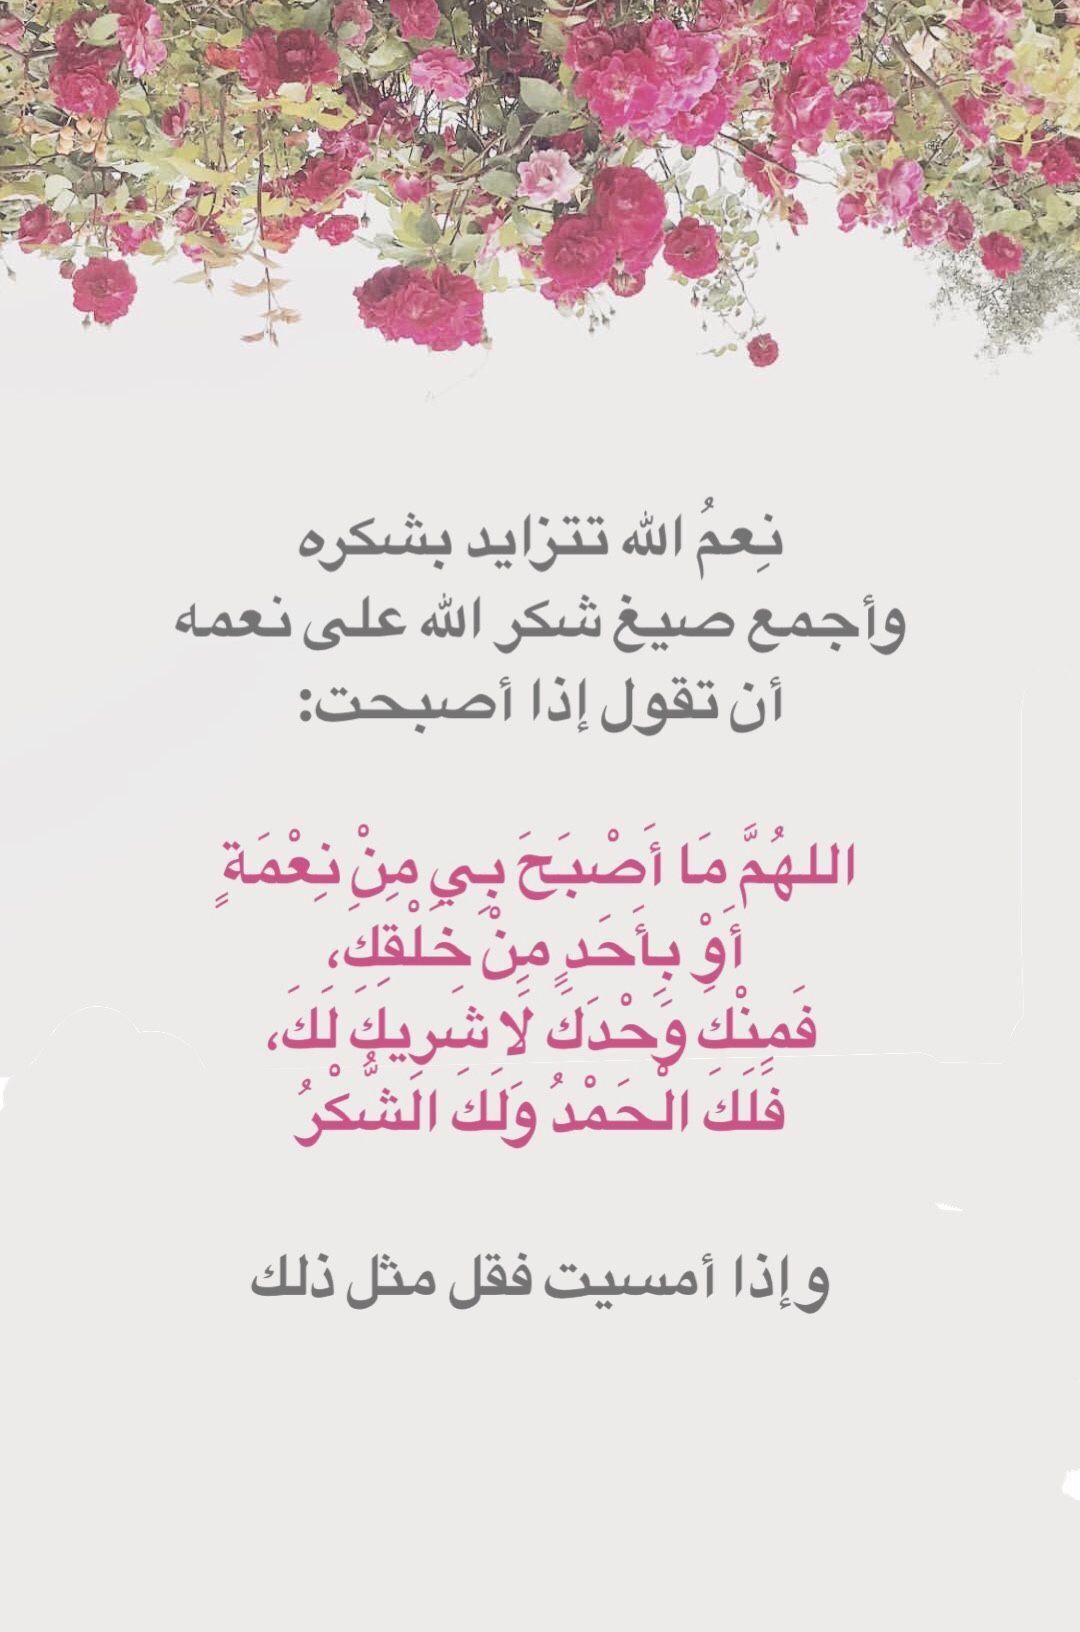 شكر النعم Beautiful Arabic Words Google Images Image